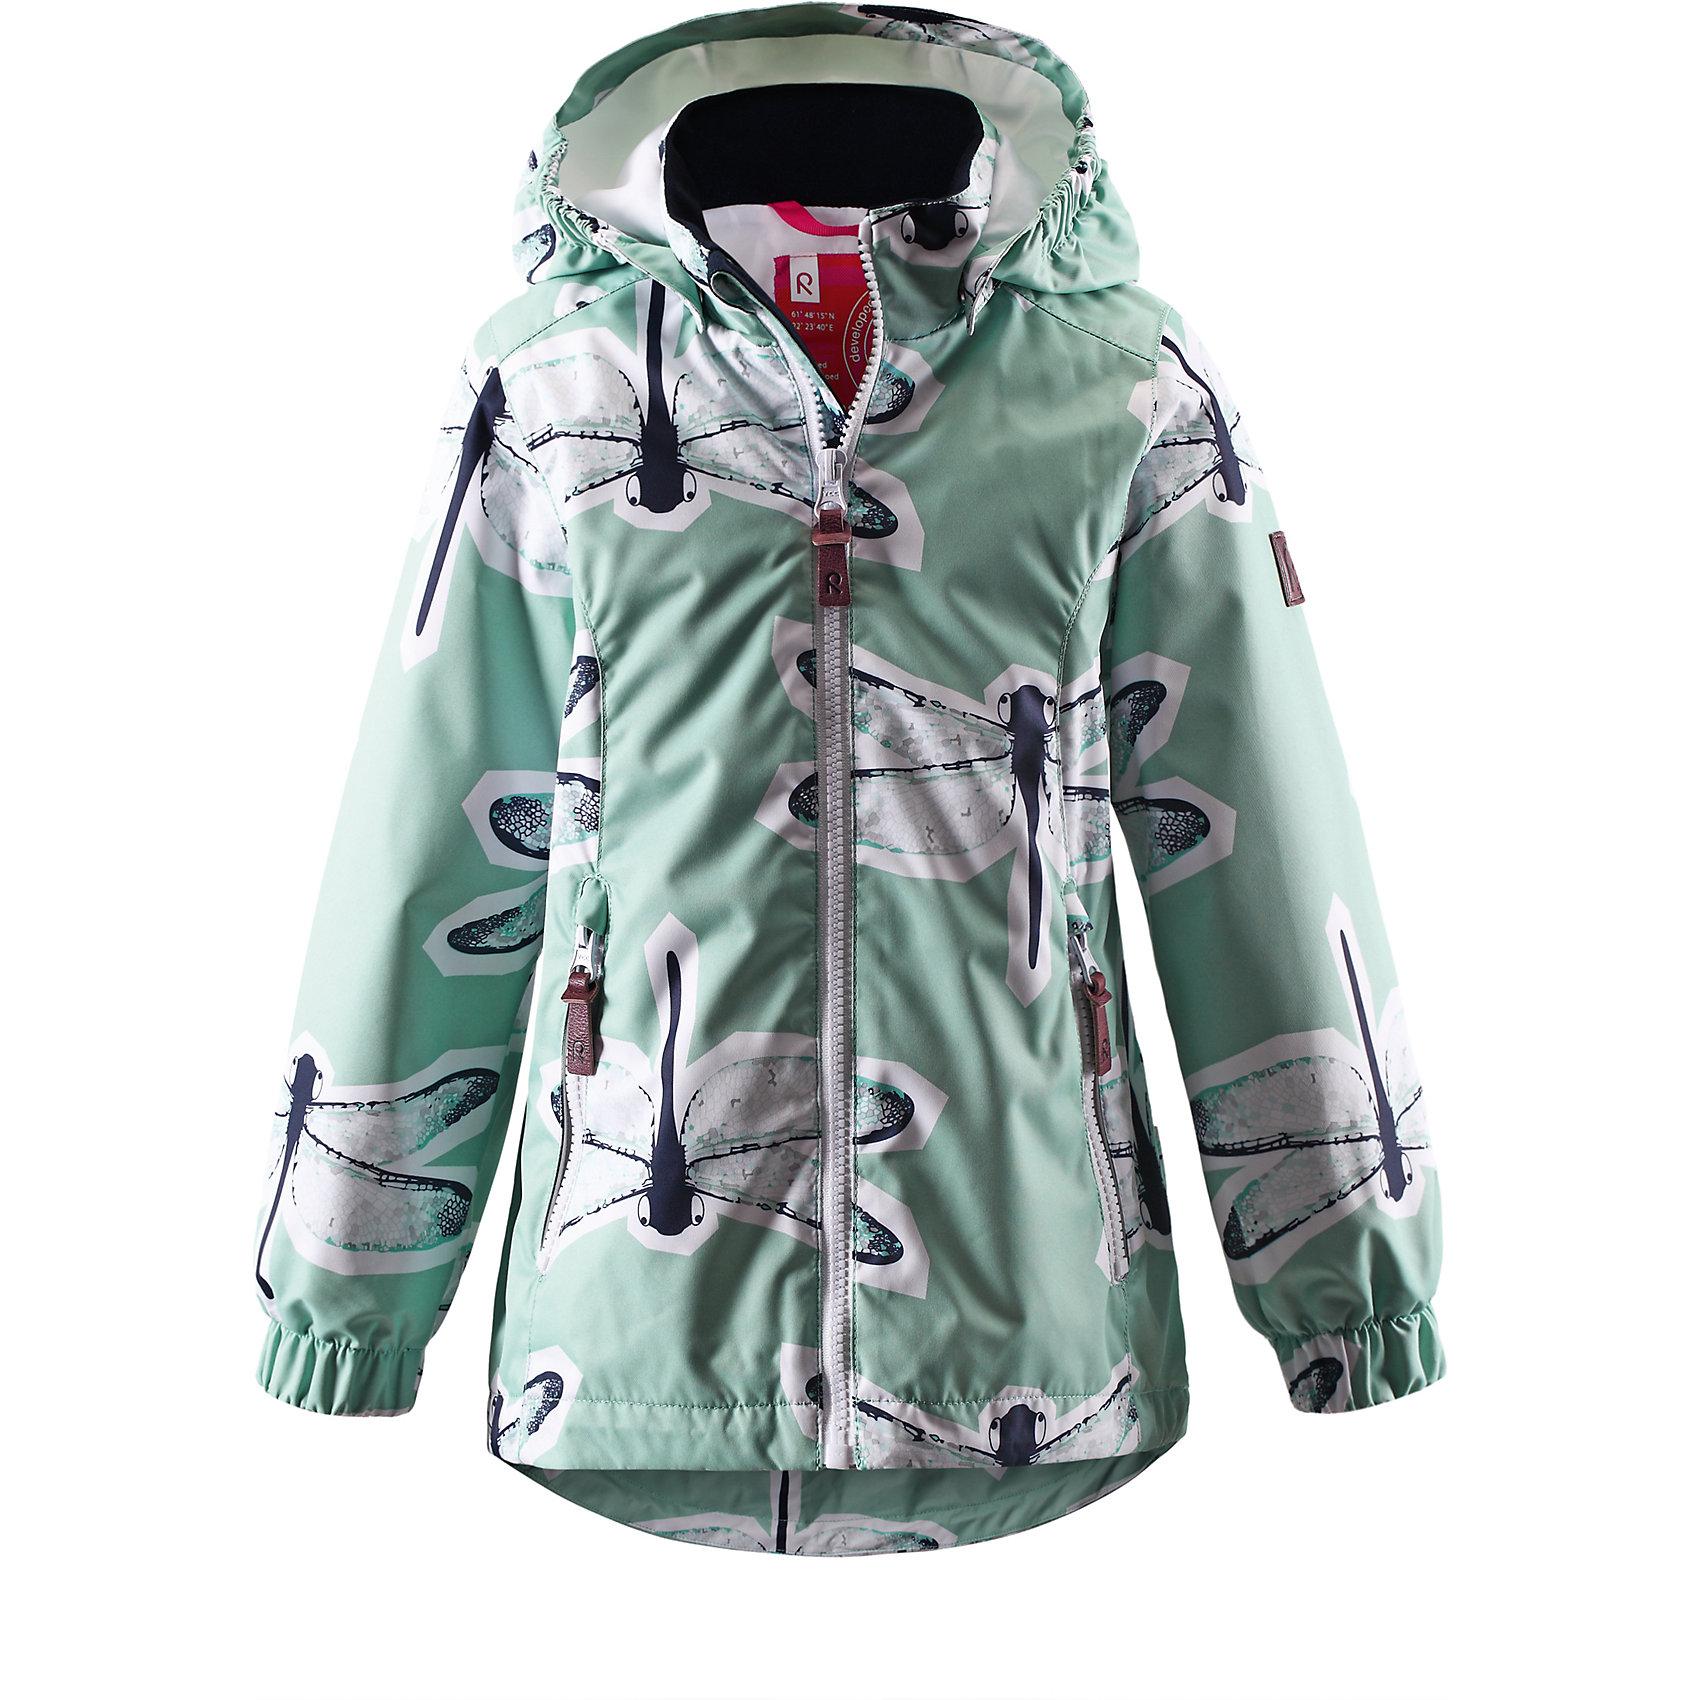 Куртка для девочки ReimaКрасивая, удлиненная демисезонная куртка для детей эффективно защищает от ветра. Дышащий материал также является водо- и грязеотталкивающим, а основные швы данной куртки проклеены для создания водонепроницаемости. Гладкая подкладка из полиэстера облегчает одевание и превращает его в веселый процесс. Отстегивающийся капюшон и светоотражающие детали обеспечивают безопасность во время прогулок в поисках впечатлений, а карманы с клапанами идеально подходят для хранения маленьких ценностей.<br><br>Дополнительная информация:<br><br>Куртка демисезонная для детей<br>Основные швы проклеены и не пропускают влагу<br>Водоотталкивающий, ветронепроницаемый, «дышащий» и грязеотталкивающий материал<br>Гладкая подкладка из полиэстра<br>Безопасный, съемный капюшон<br>Регулируемый подол<br>Два кармана на молнии<br>Безопасные светоотражающие детали<br>Состав:<br>100% ПЭ, ПУ-покрытие<br>Уход:<br>Стирать по отдельности, вывернув наизнанку. Застегнуть молнии и липучки. Стирать моющим средством, не содержащим отбеливающие вещества. Полоскать без специального средства. Во избежание изменения цвета изделие необходимо вынуть из стиральной машинки незамедлительно после окончания программы стирки. Сушить при низкой температуре.<br><br>Ширина мм: 356<br>Глубина мм: 10<br>Высота мм: 245<br>Вес г: 519<br>Цвет: серый<br>Возраст от месяцев: 84<br>Возраст до месяцев: 96<br>Пол: Женский<br>Возраст: Детский<br>Размер: 128,140,134,122,116,104,98,92,110<br>SKU: 4497342